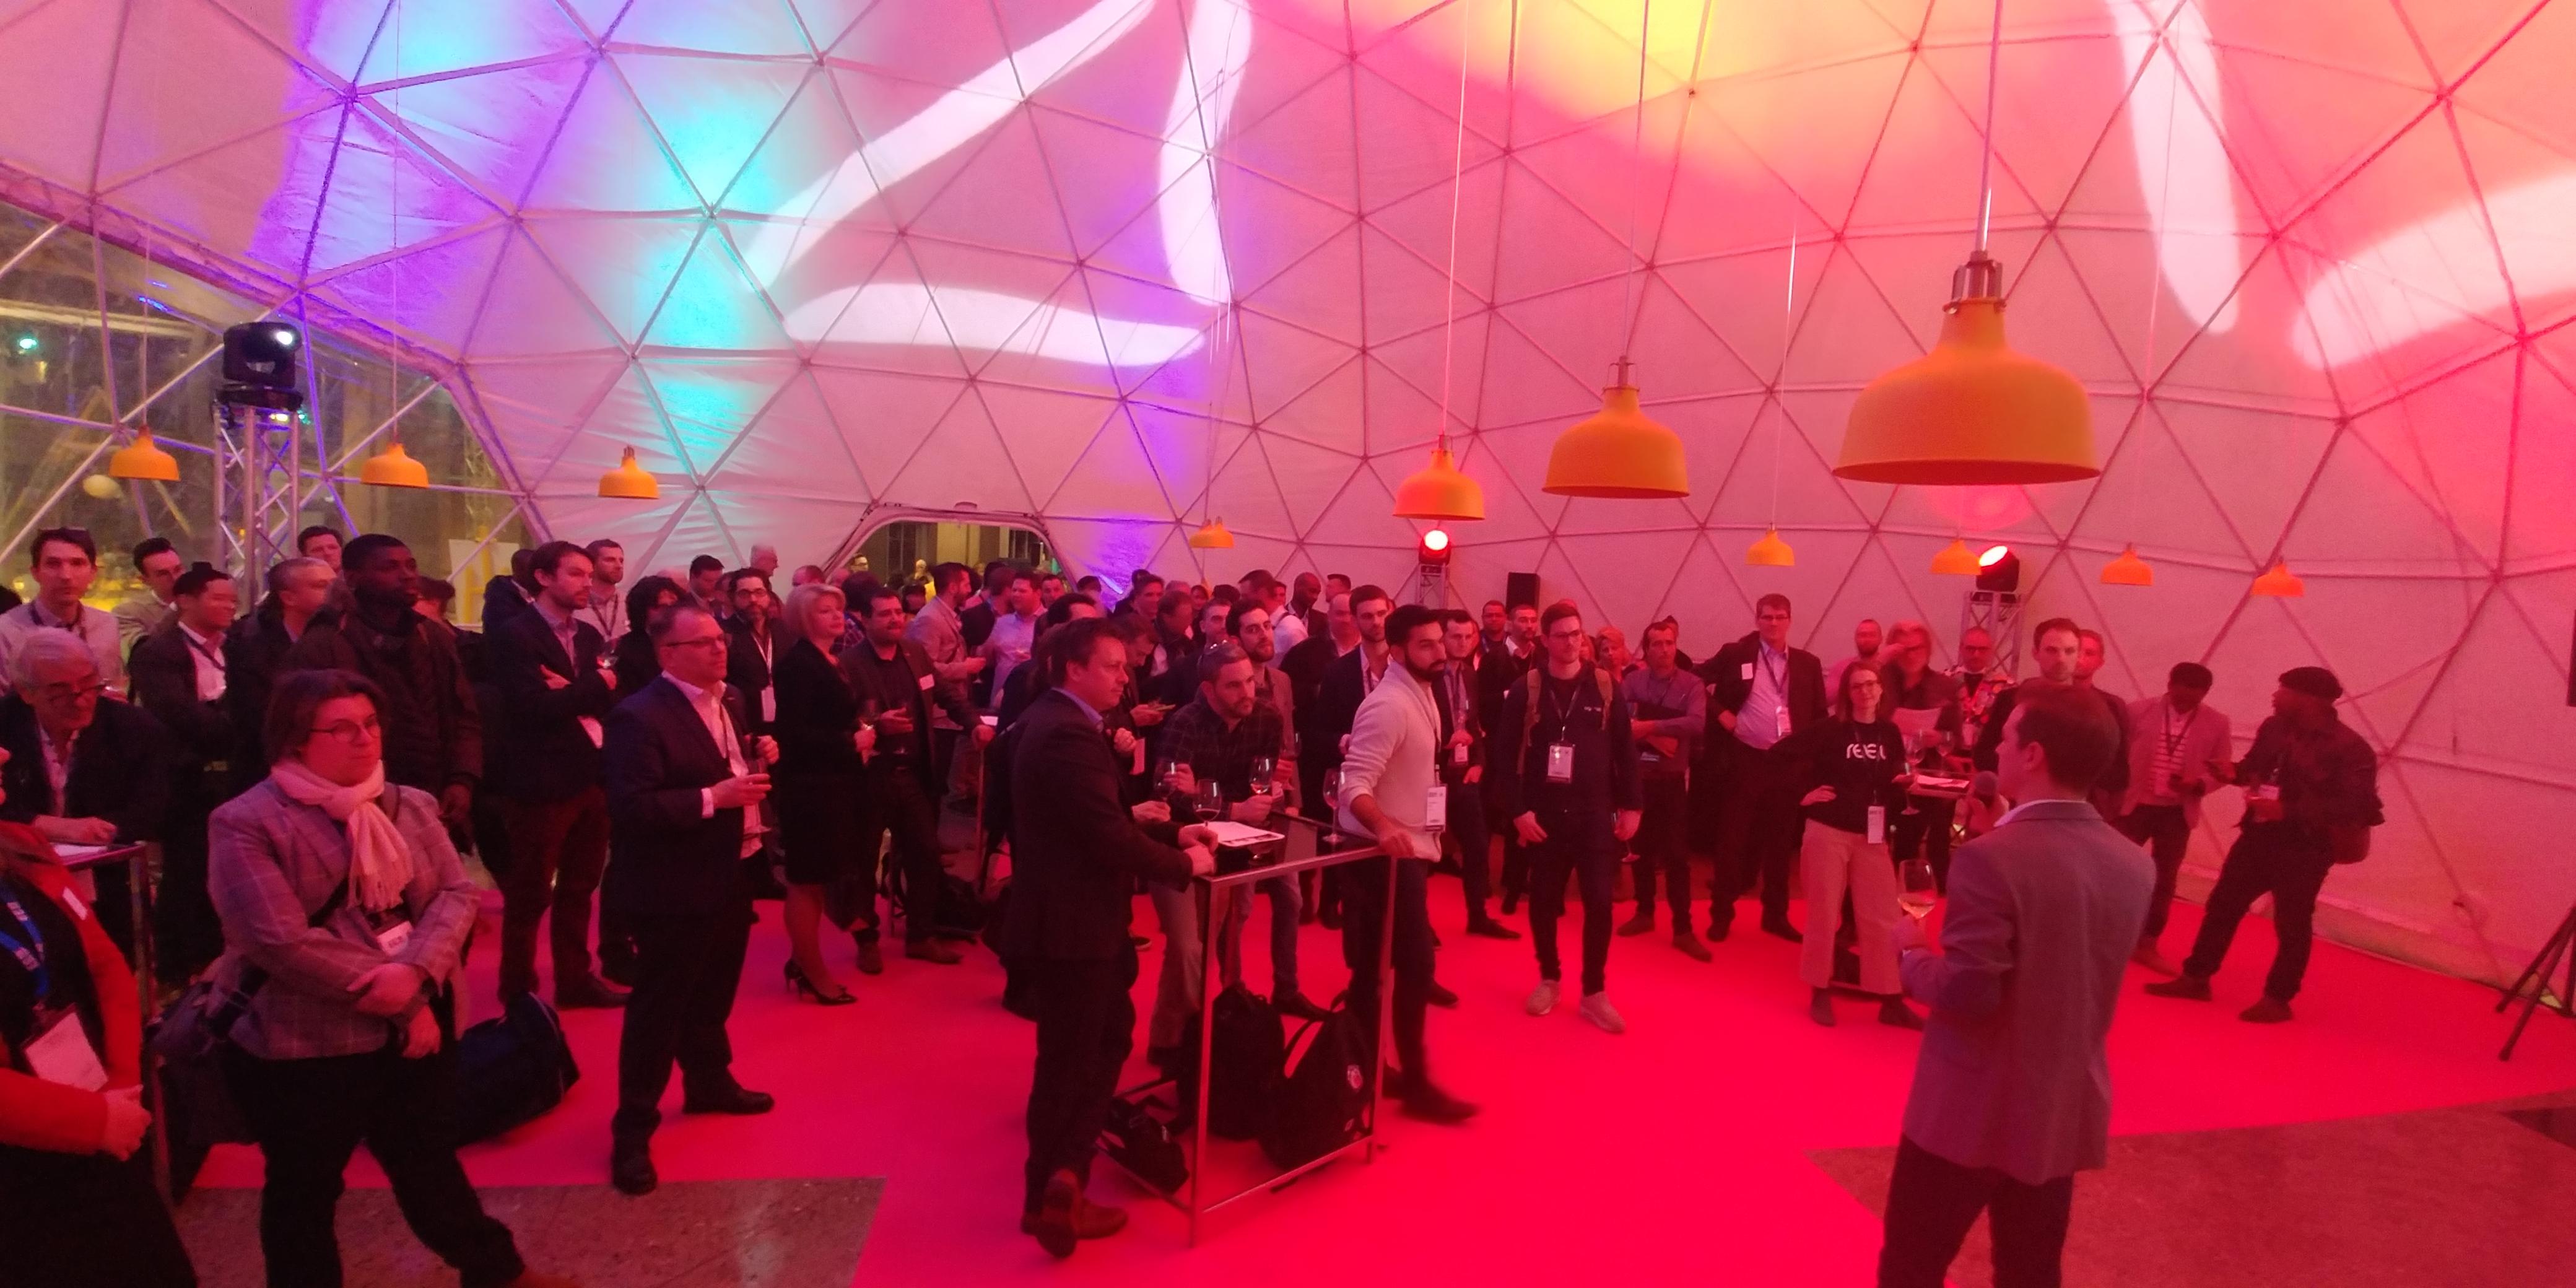 Soyez-visible au-delà des buzzwords - Technopolys à L'Expo Entrepreneur 2019